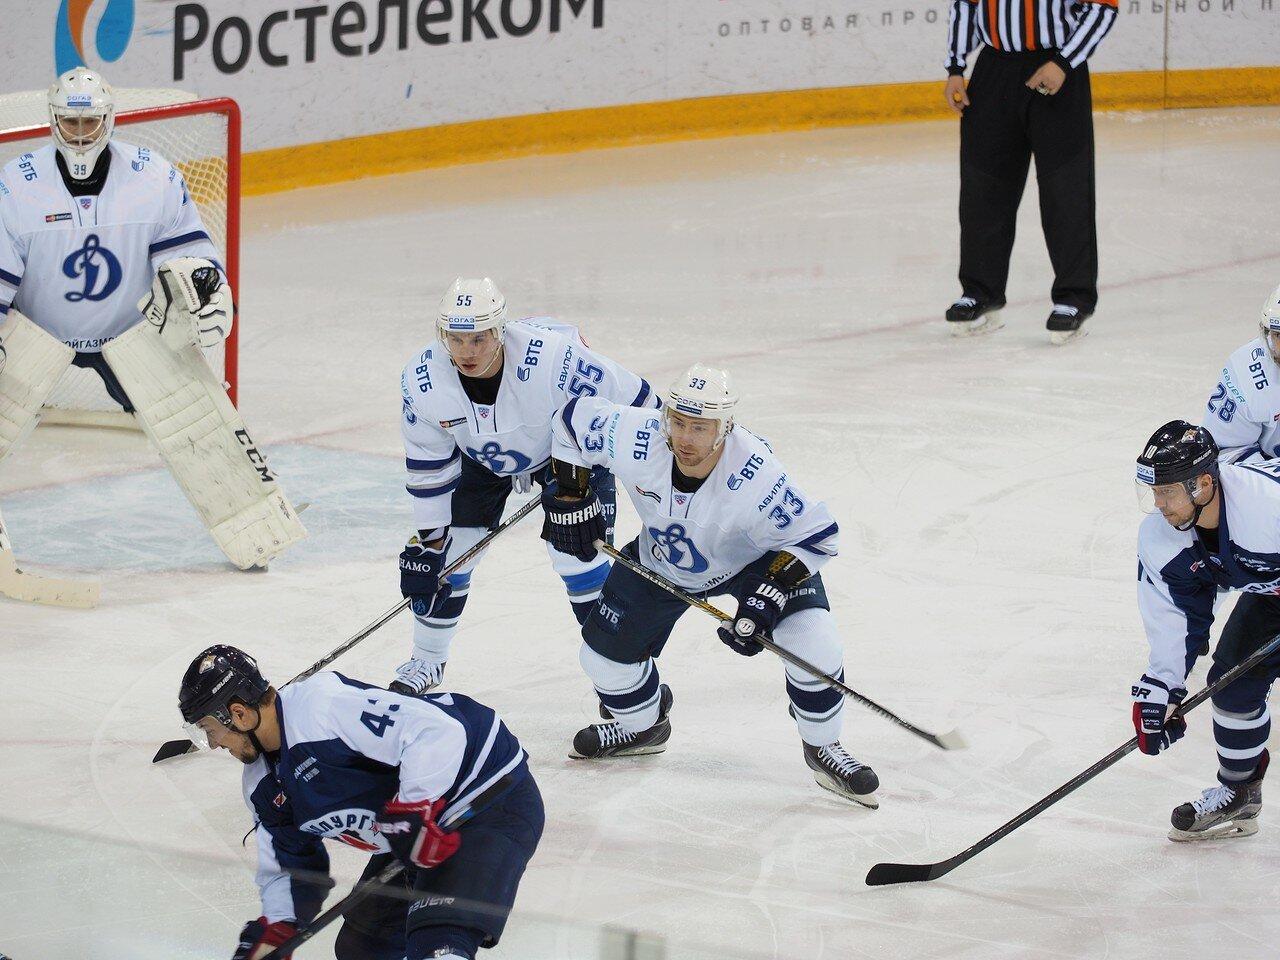 46Металлург - Динамо Москва 28.12.2015